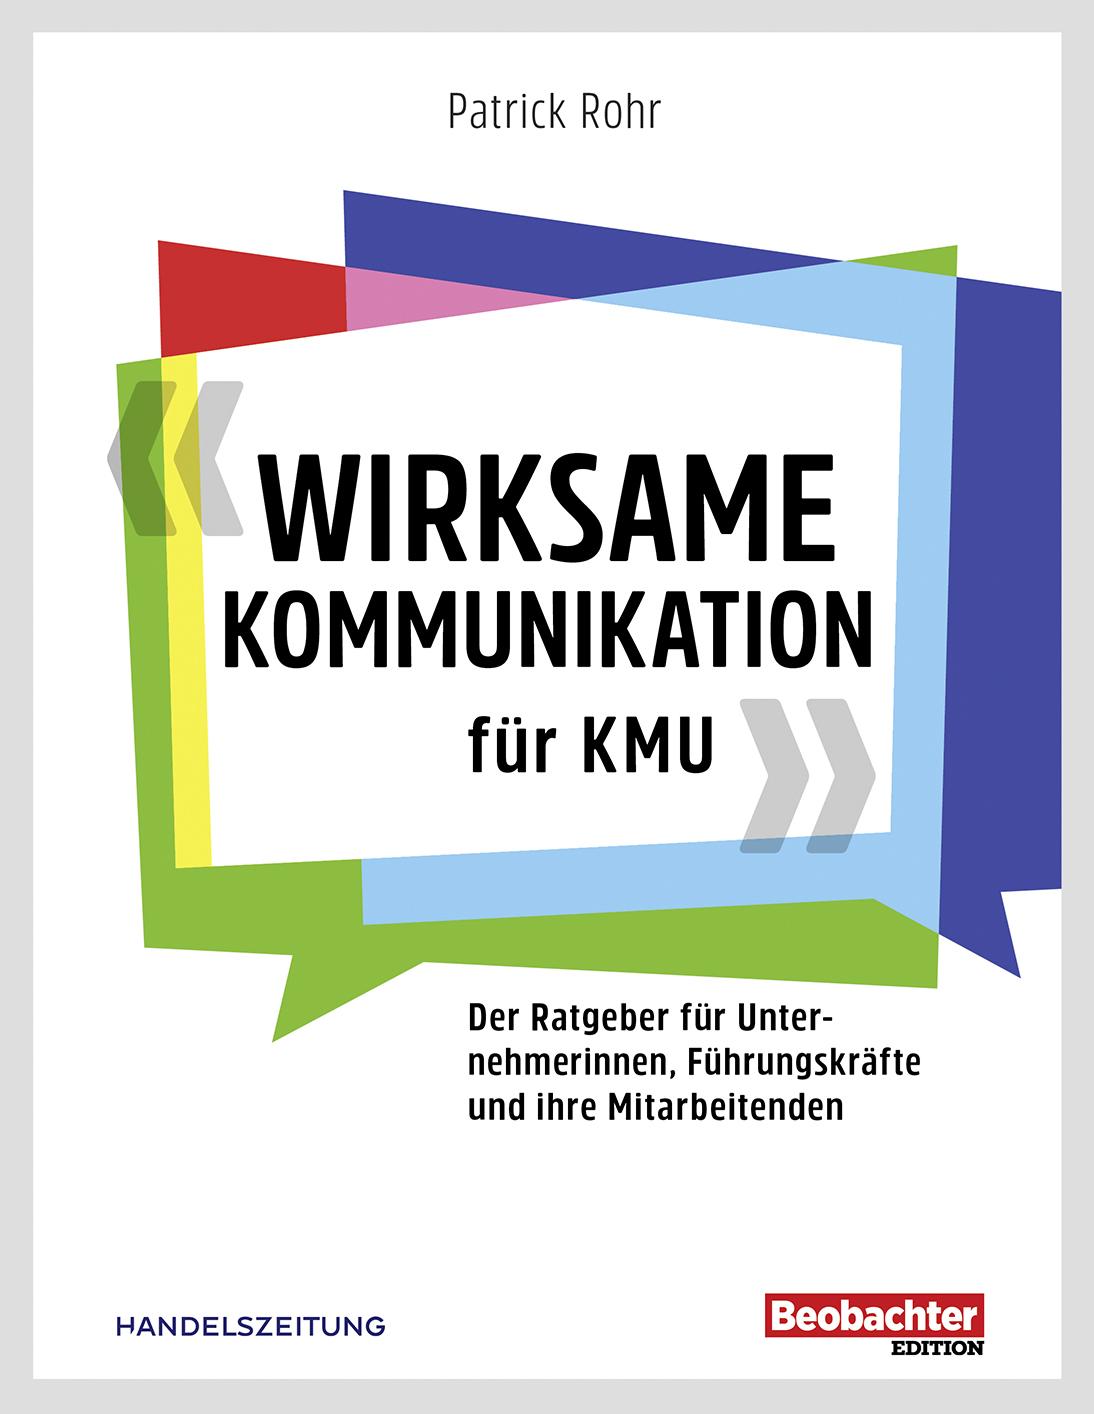 Wirksame Kommunikation für KMU